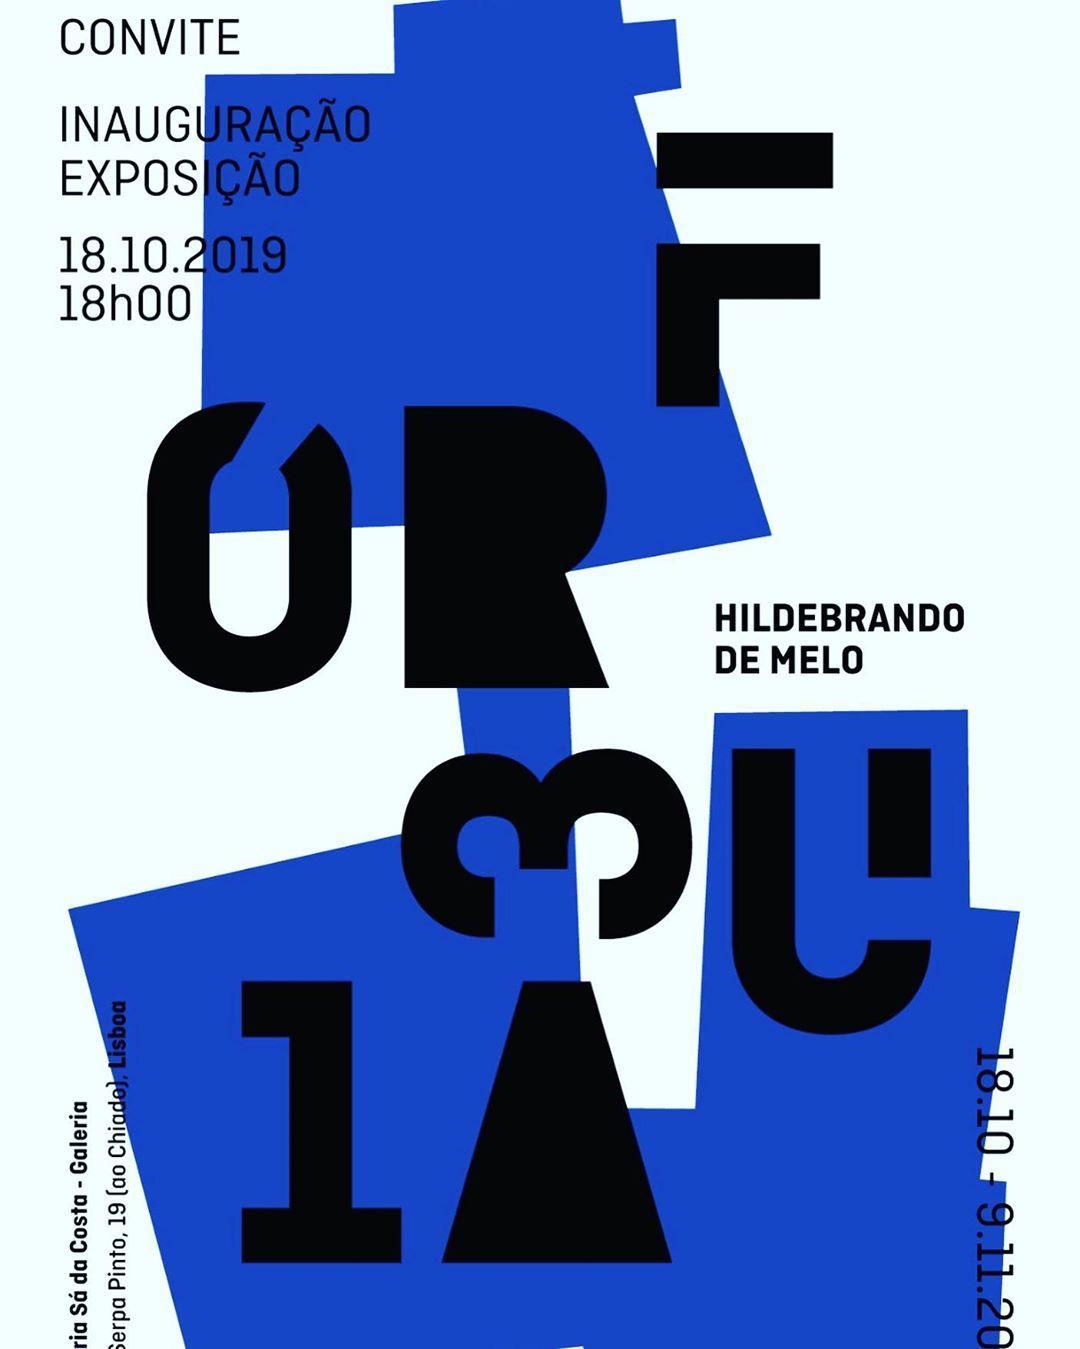 Galeria Livraria Sá da Costa, no Chiado, acolhe a FÓRMULA do artista angolano, Hildebrando de Melo